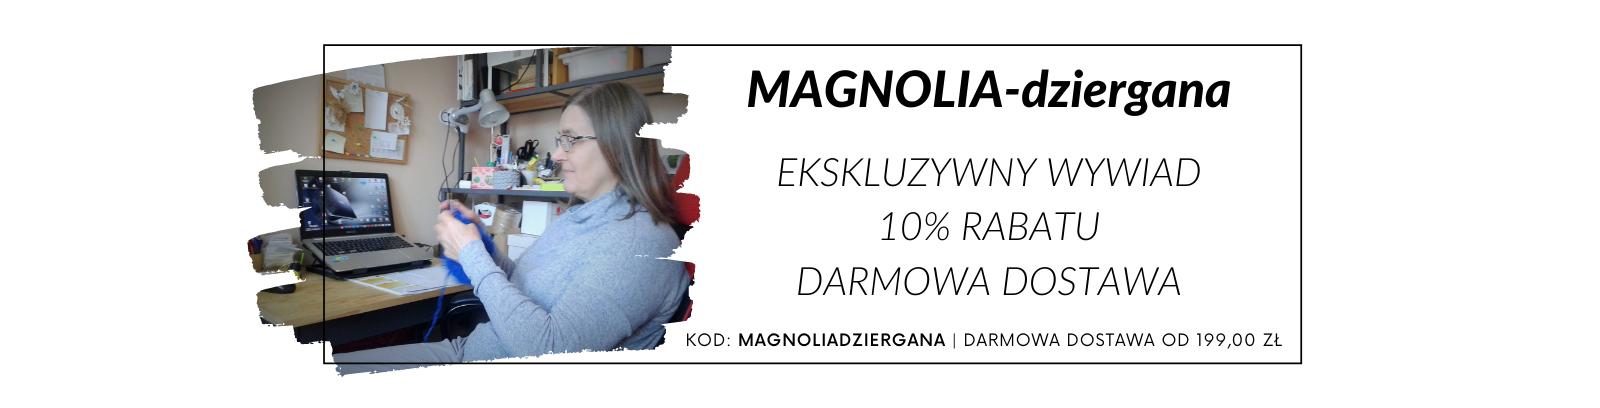 MAGNOLIA-dziergana - wywiad, promocja i darmowa dostawa!